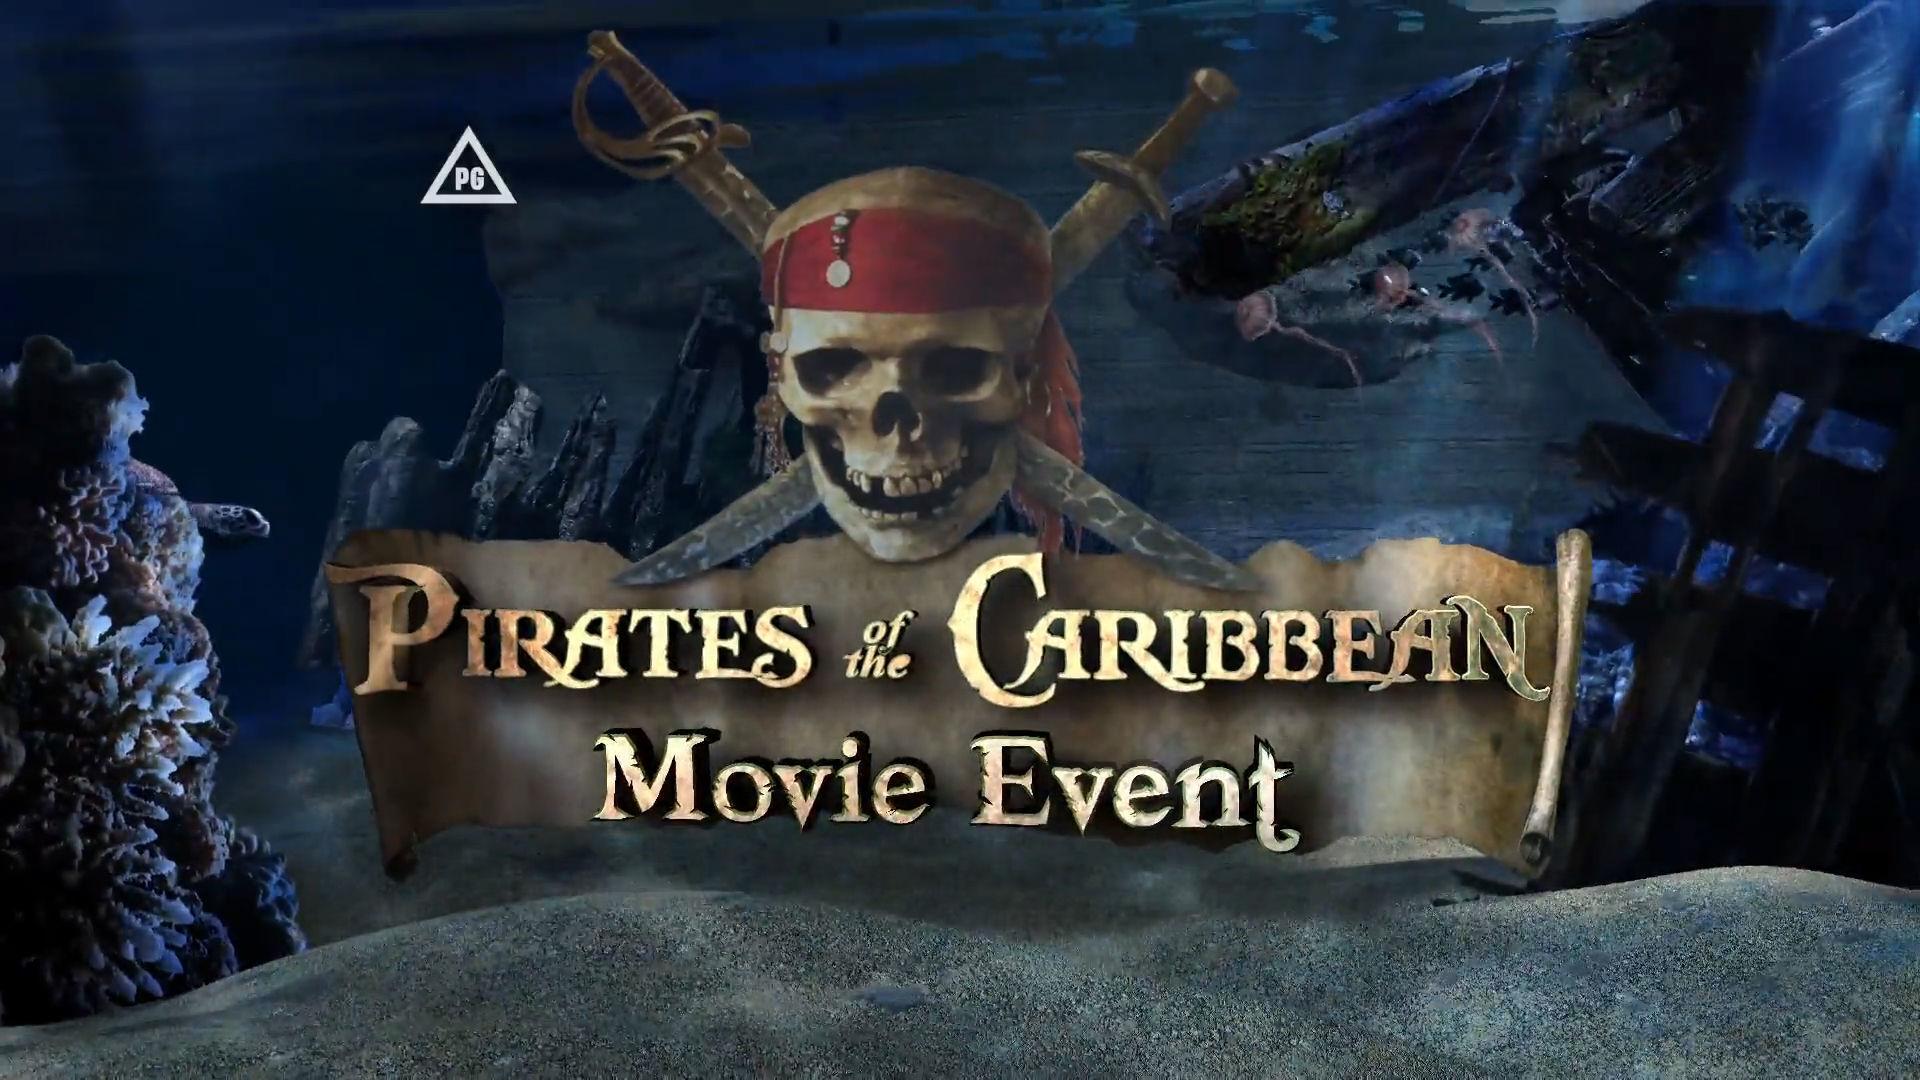 กิจกรรมจากภาพยนตร์ Pirates of the Caribbean ทาง Disney XD